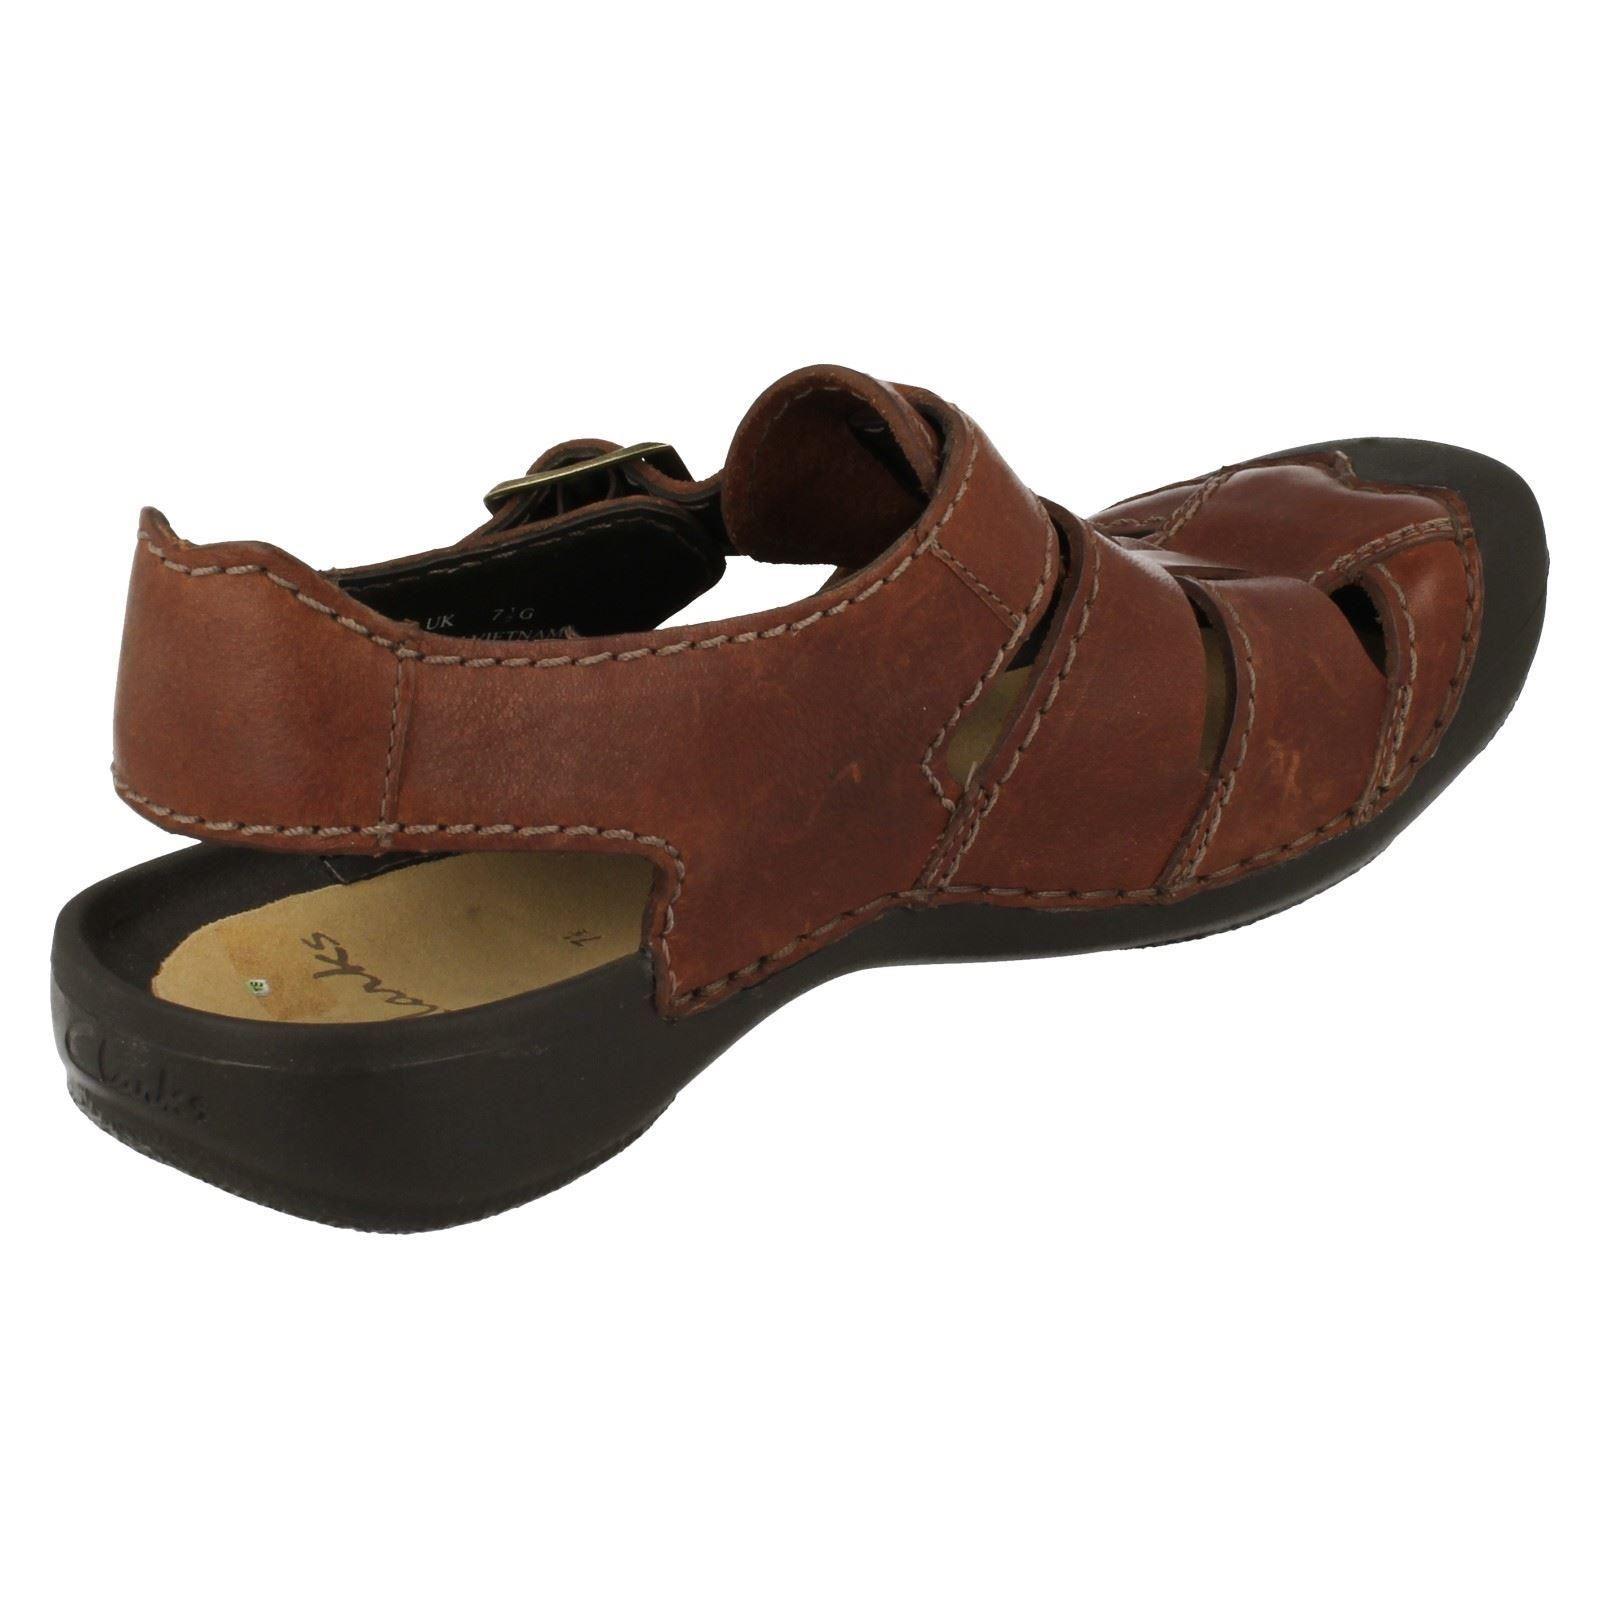 Clarks Adventure Shoes